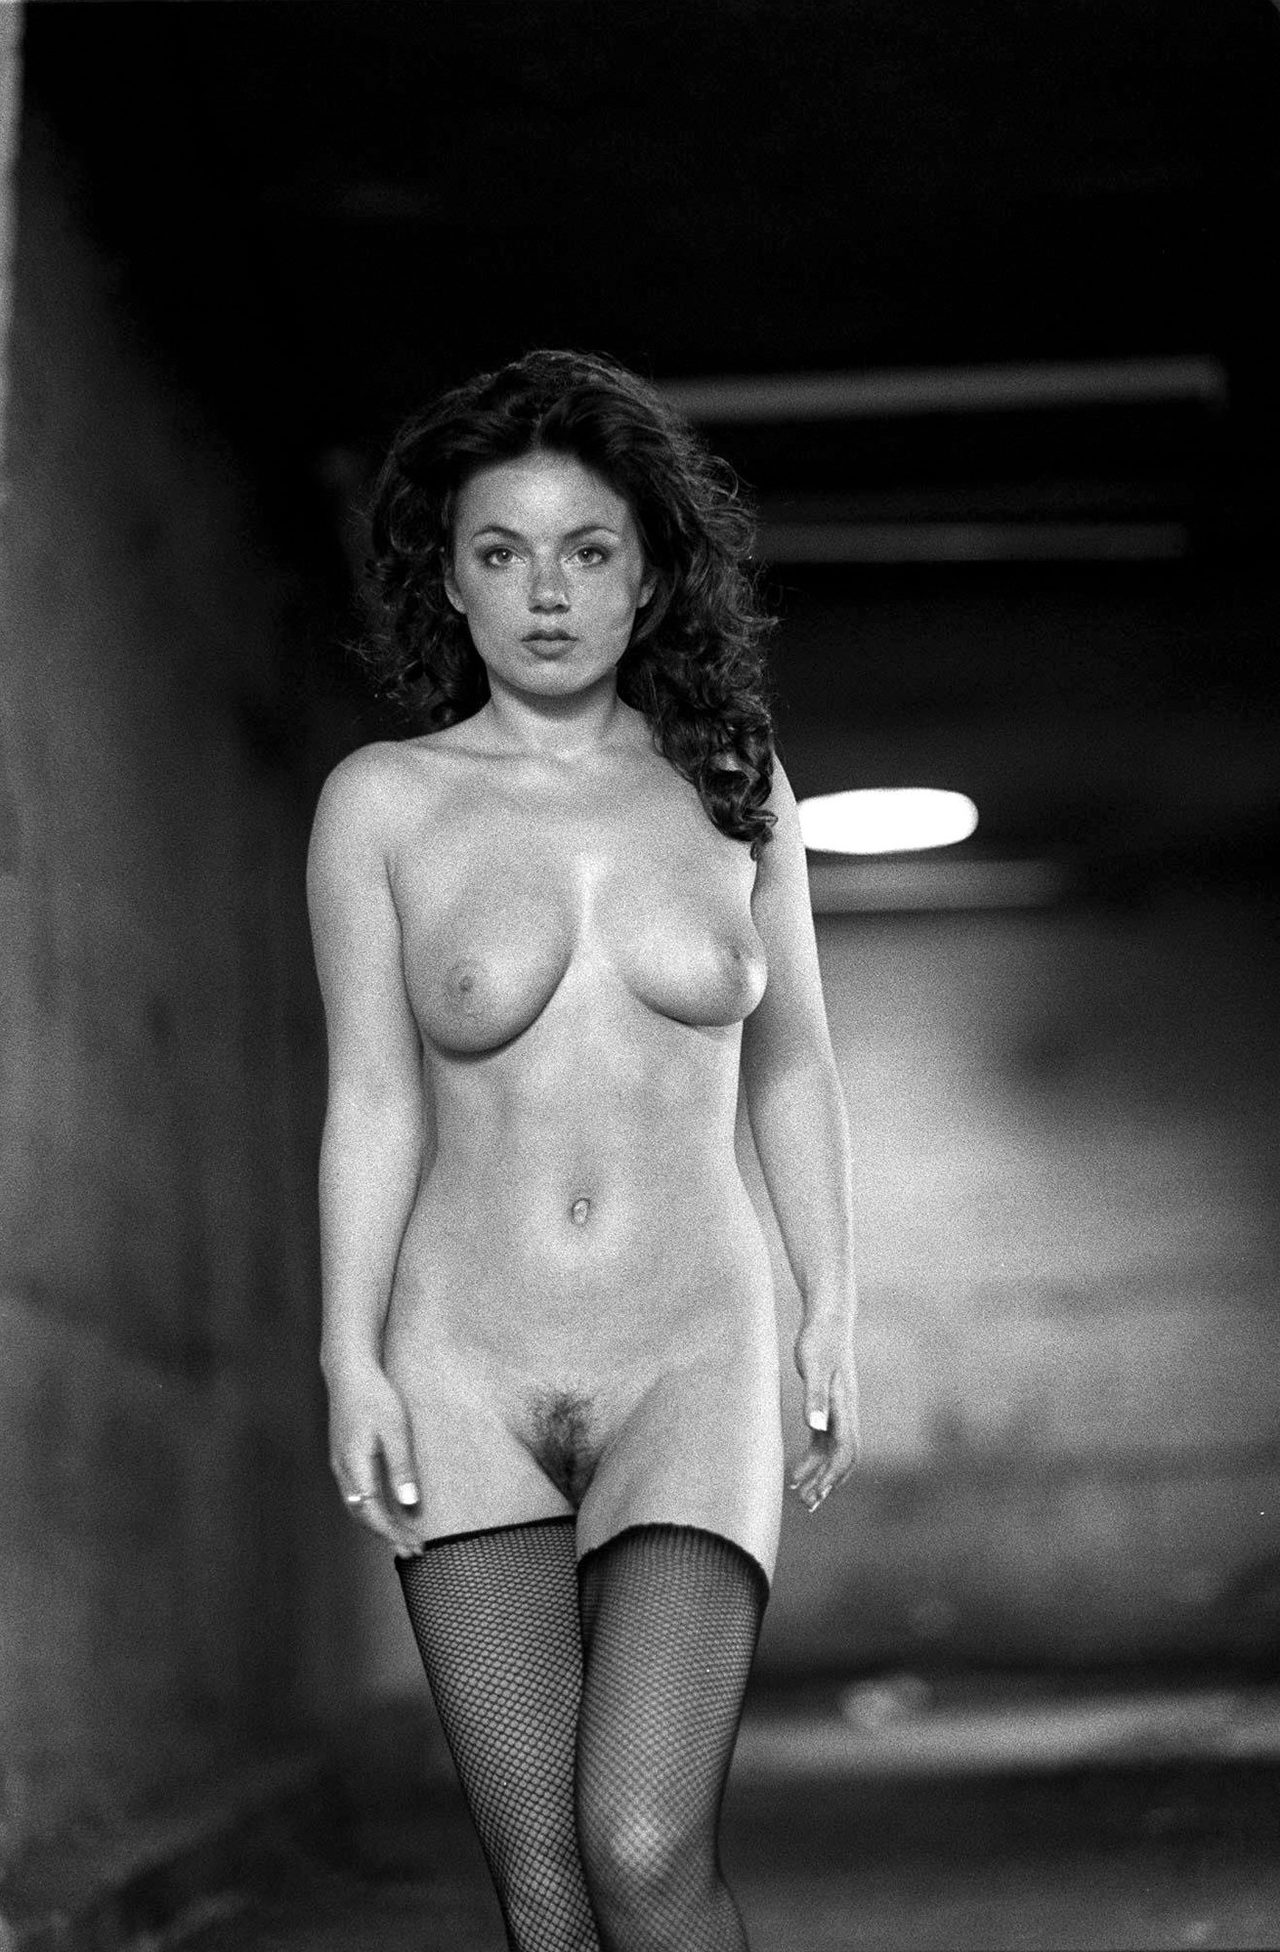 big hot wet boobs